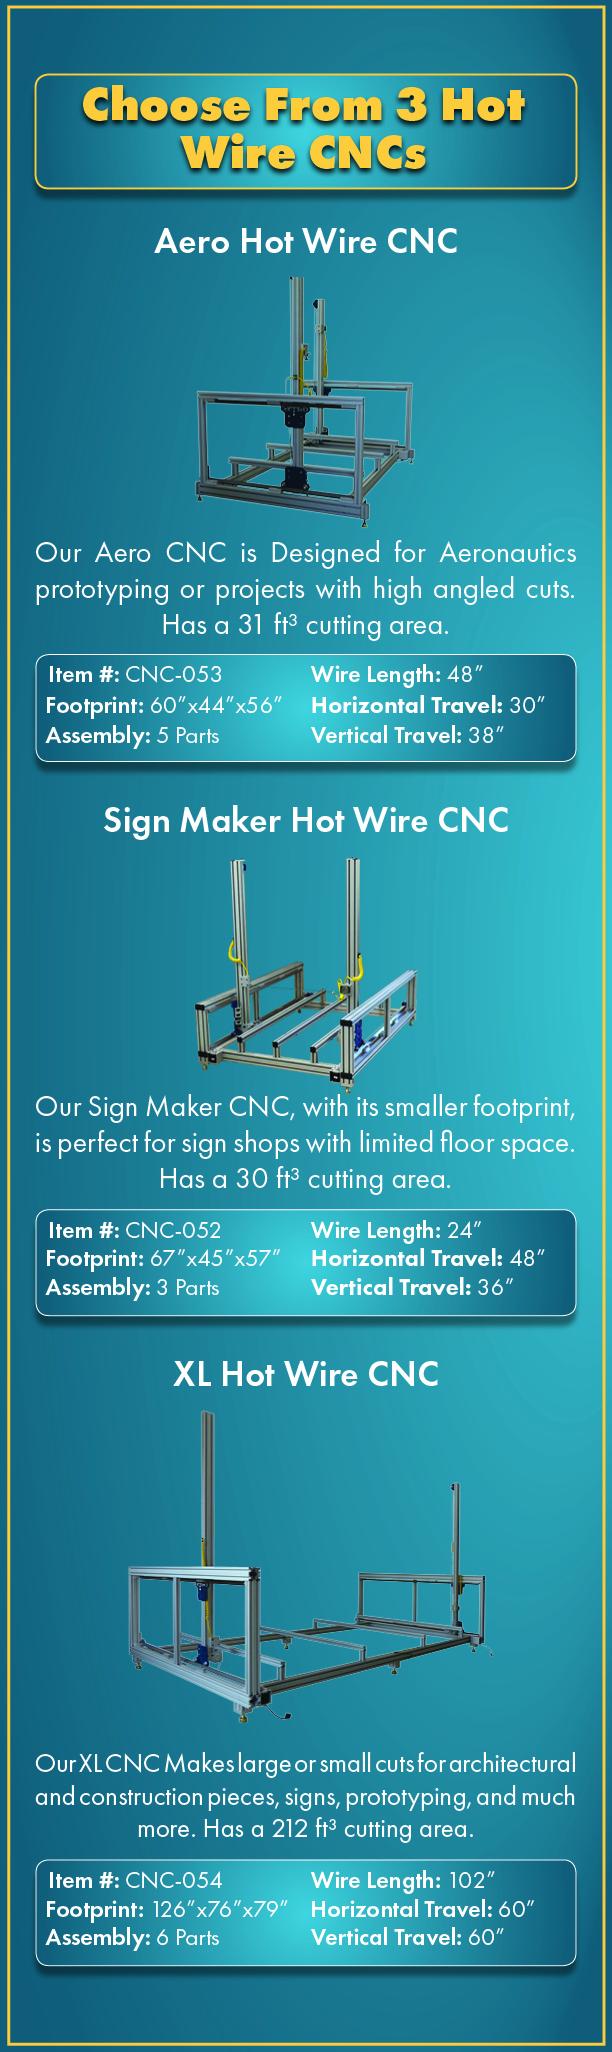 Sign Maker Hot Wire CNC Machine - CNC 052